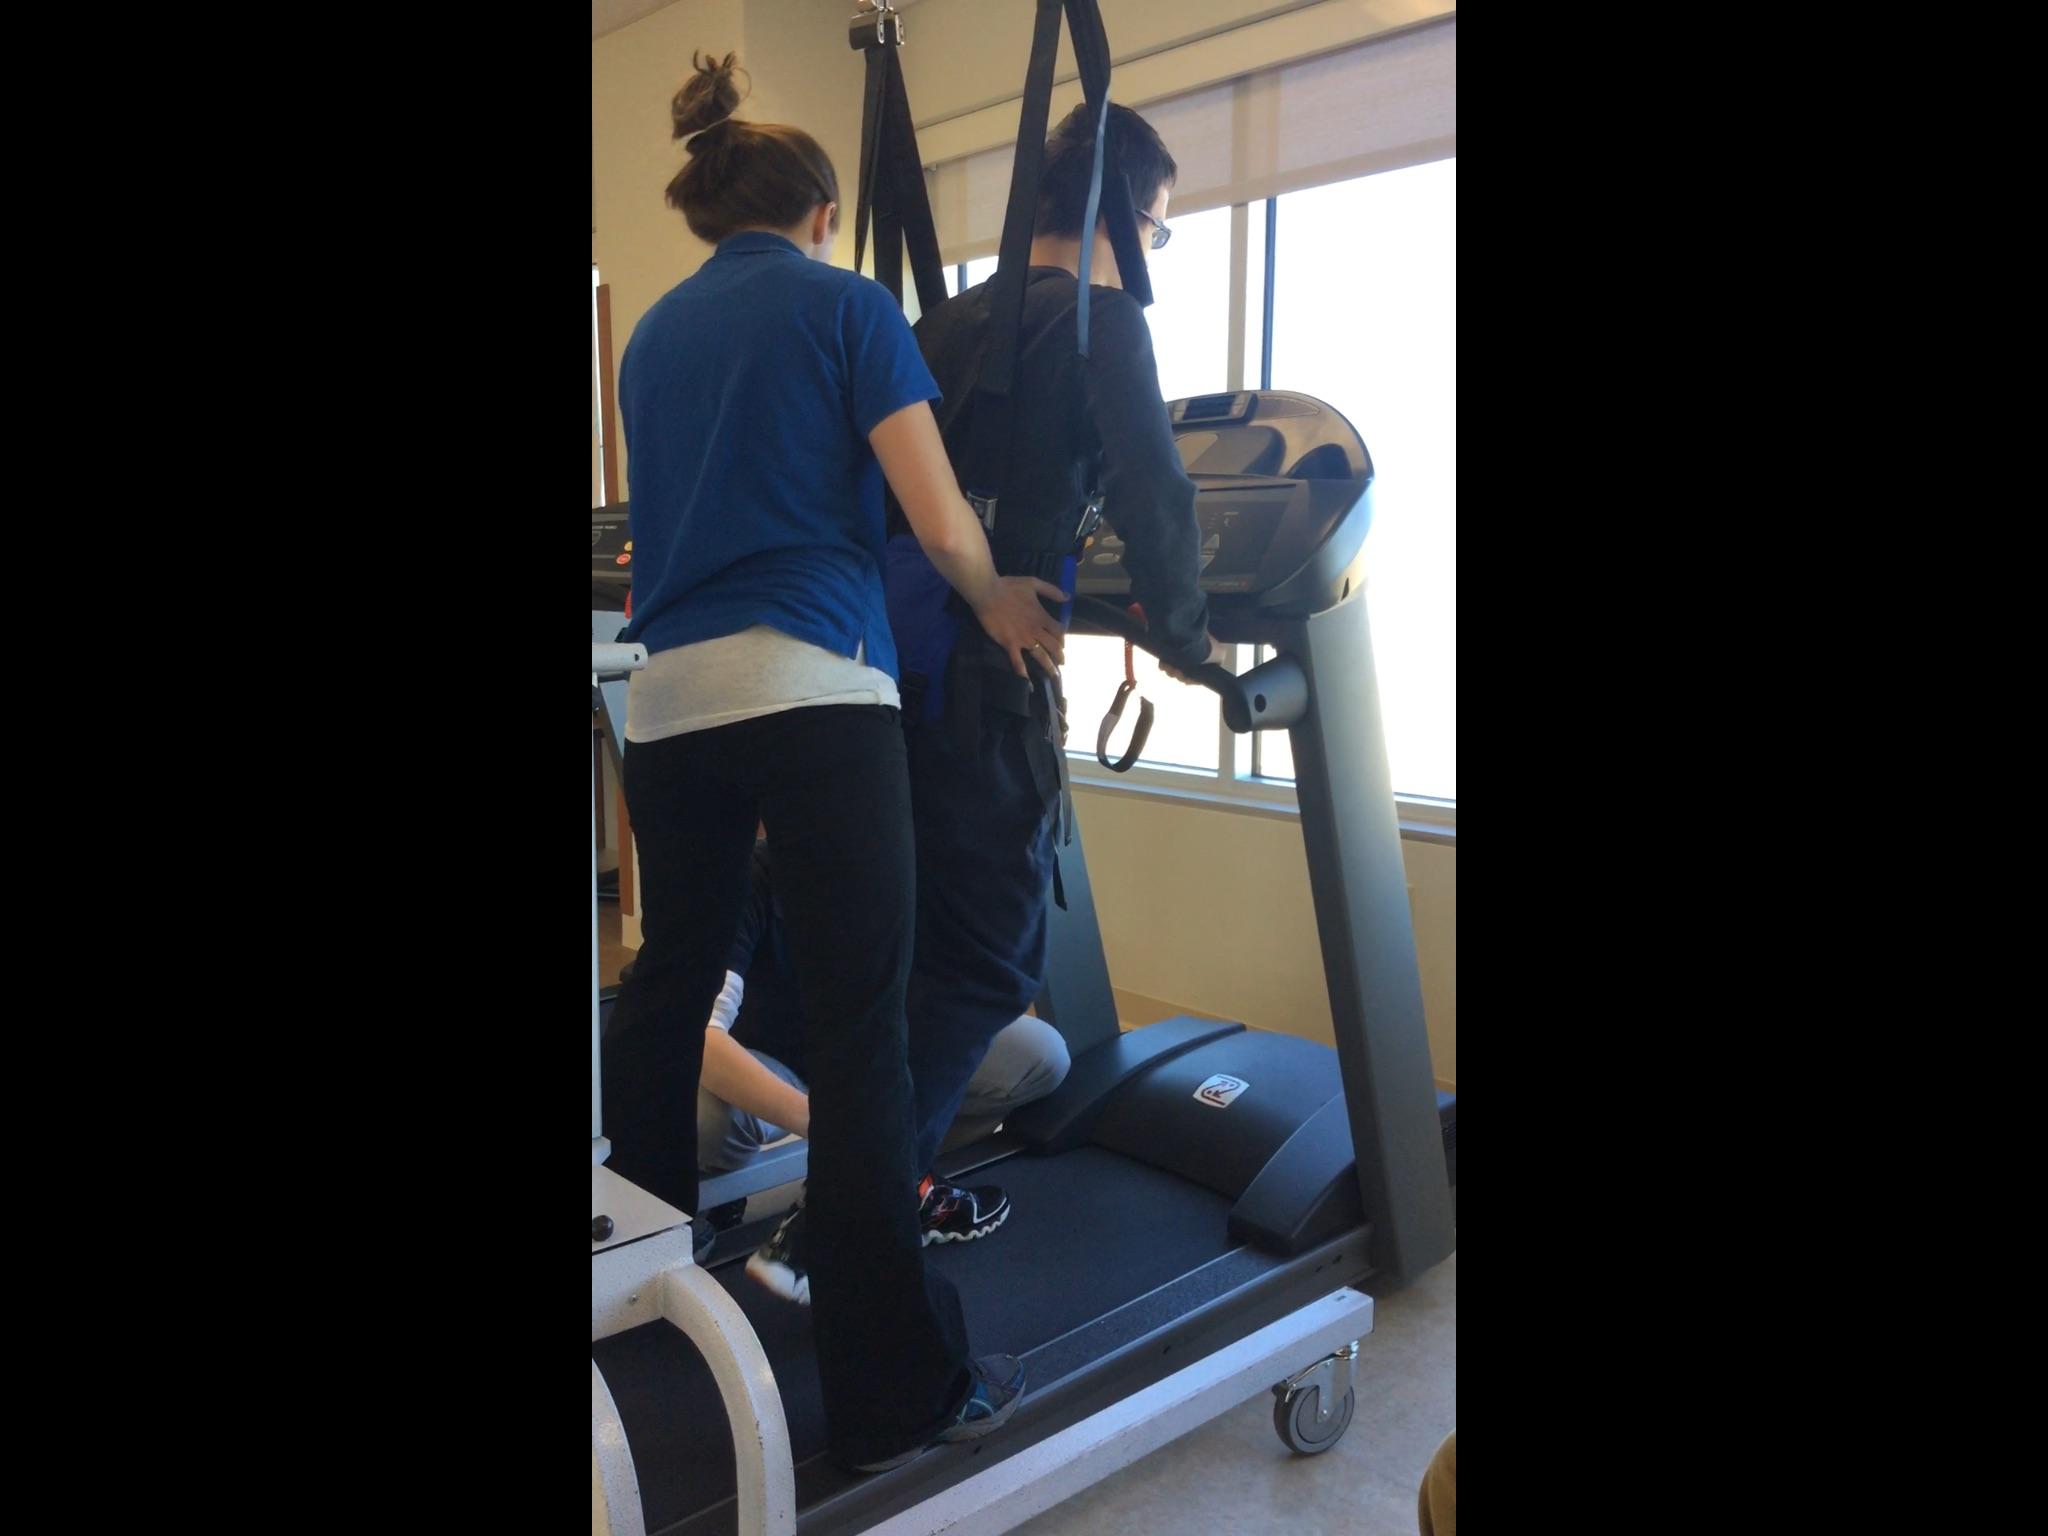 PT on the treadmill